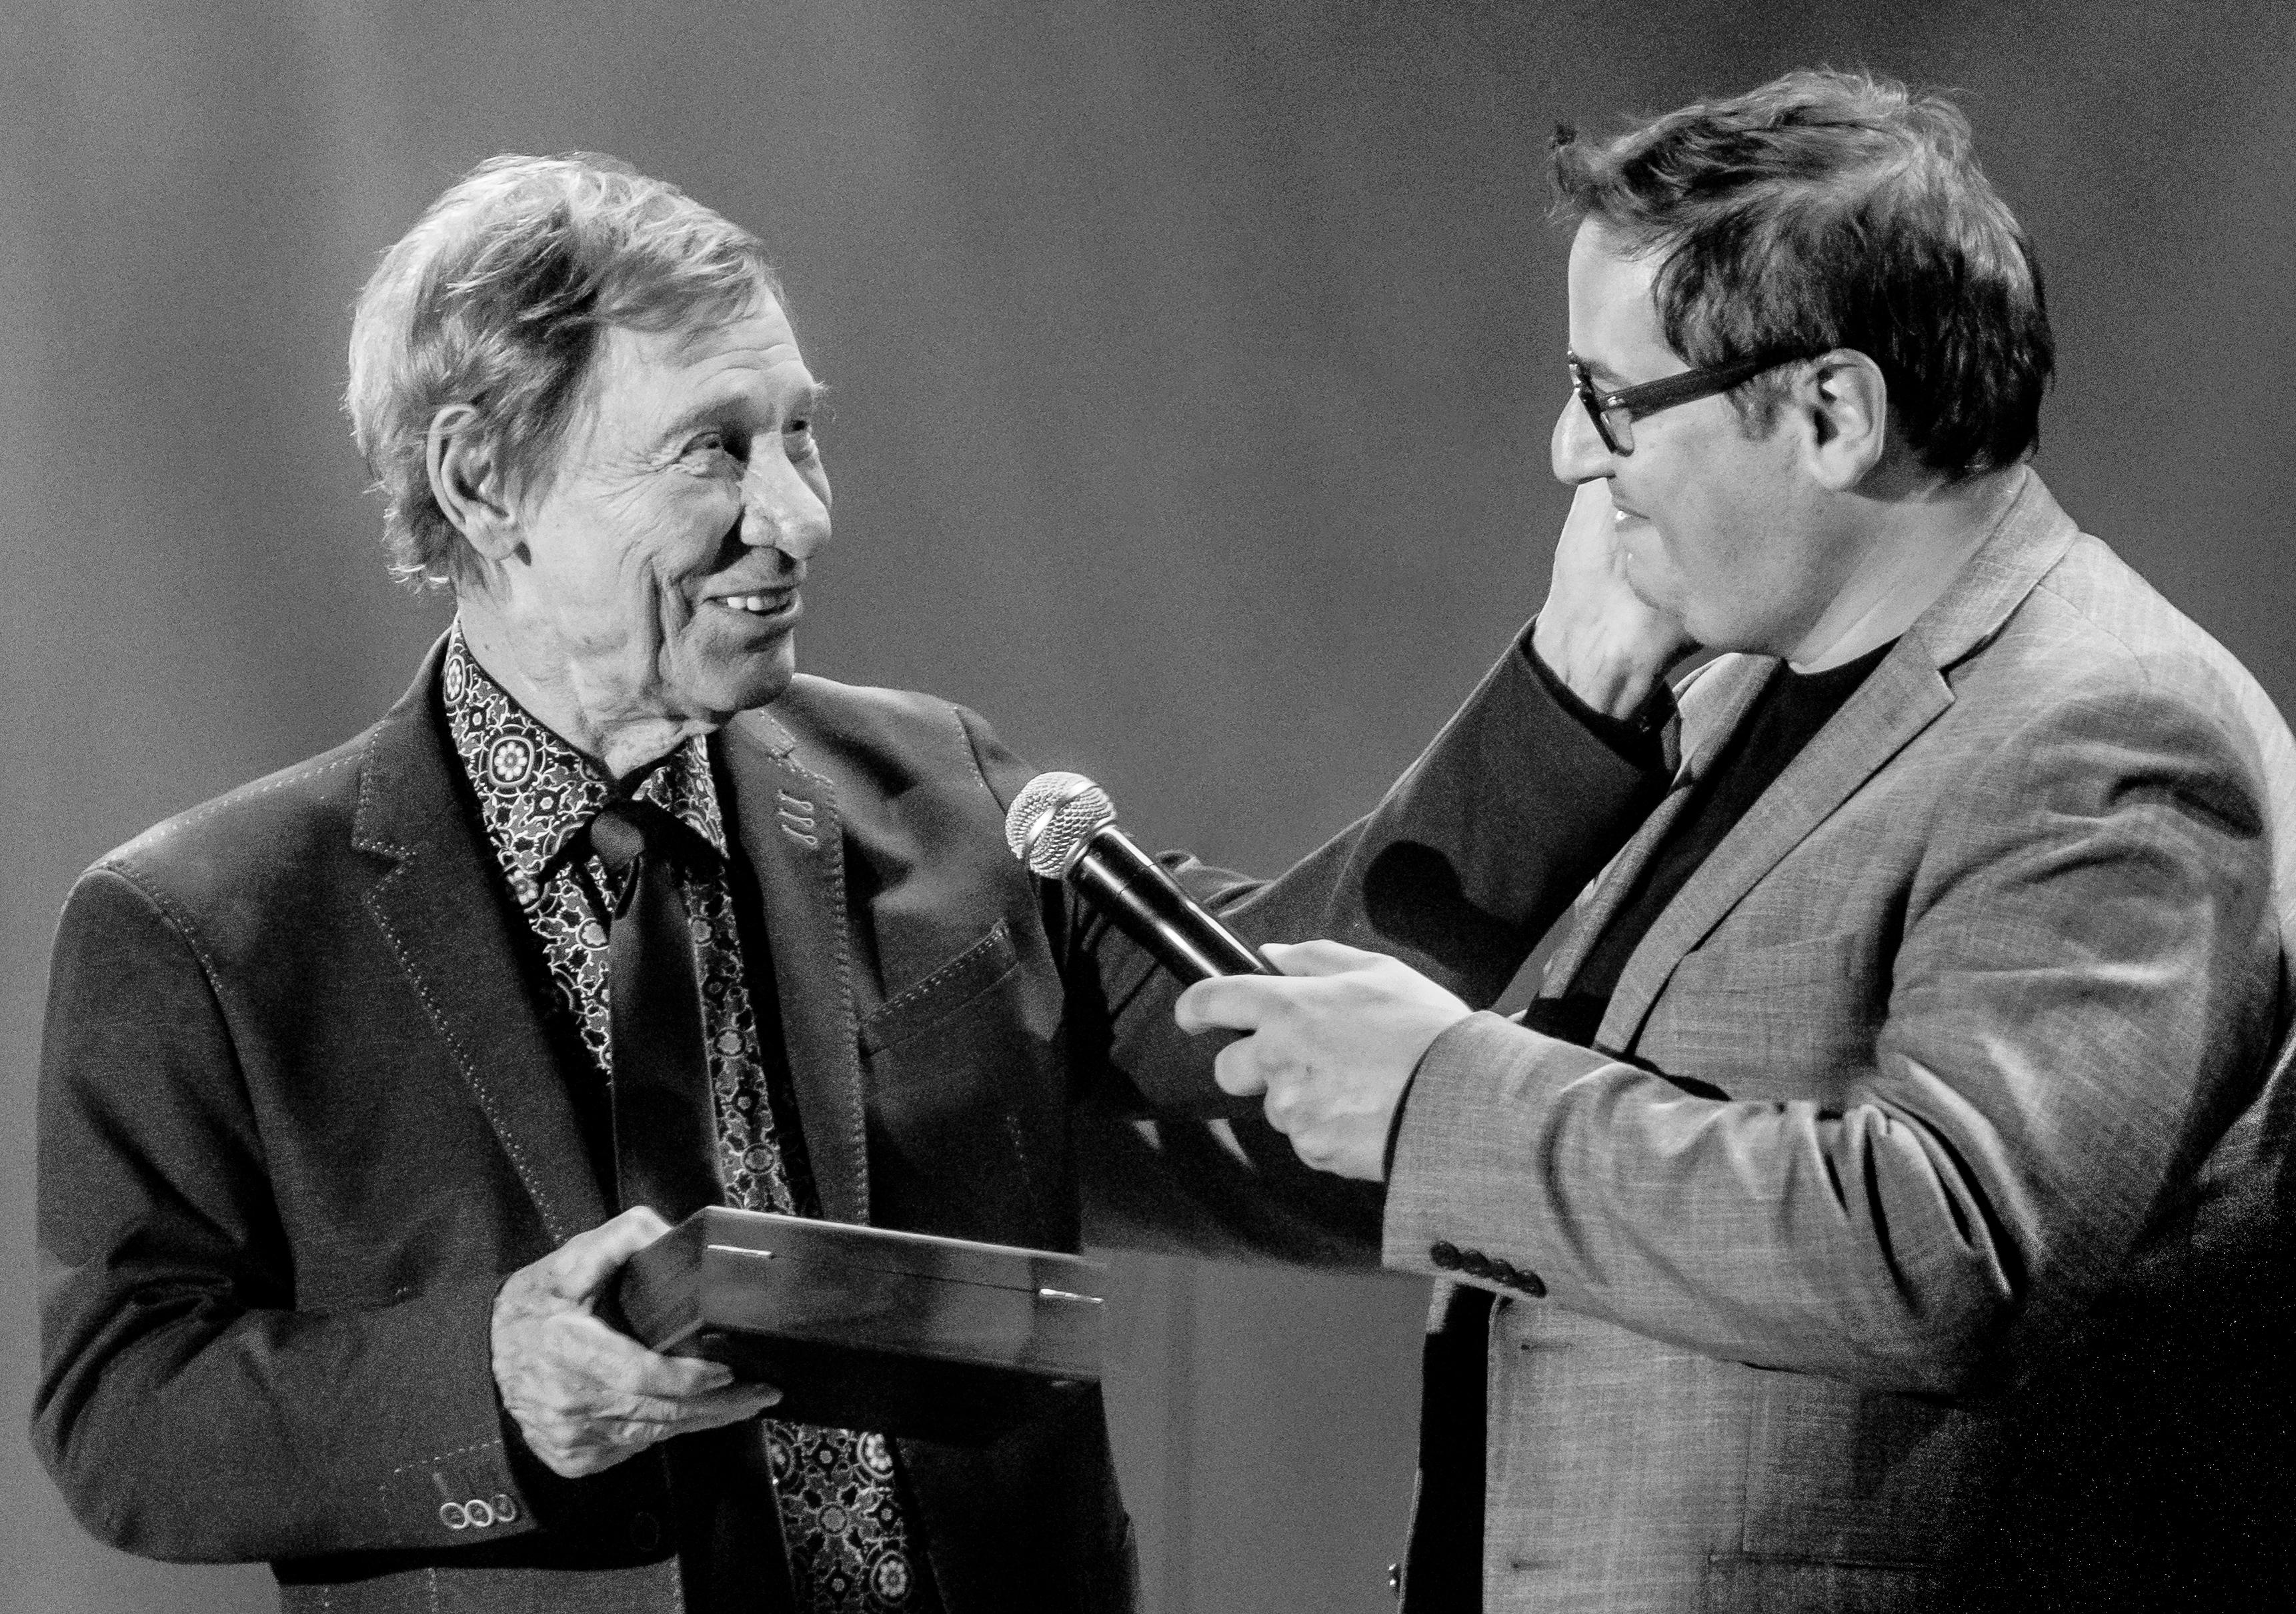 Les clés du Patriote à Jean-Pierre Ferland. Remise Alexandre Gélinas